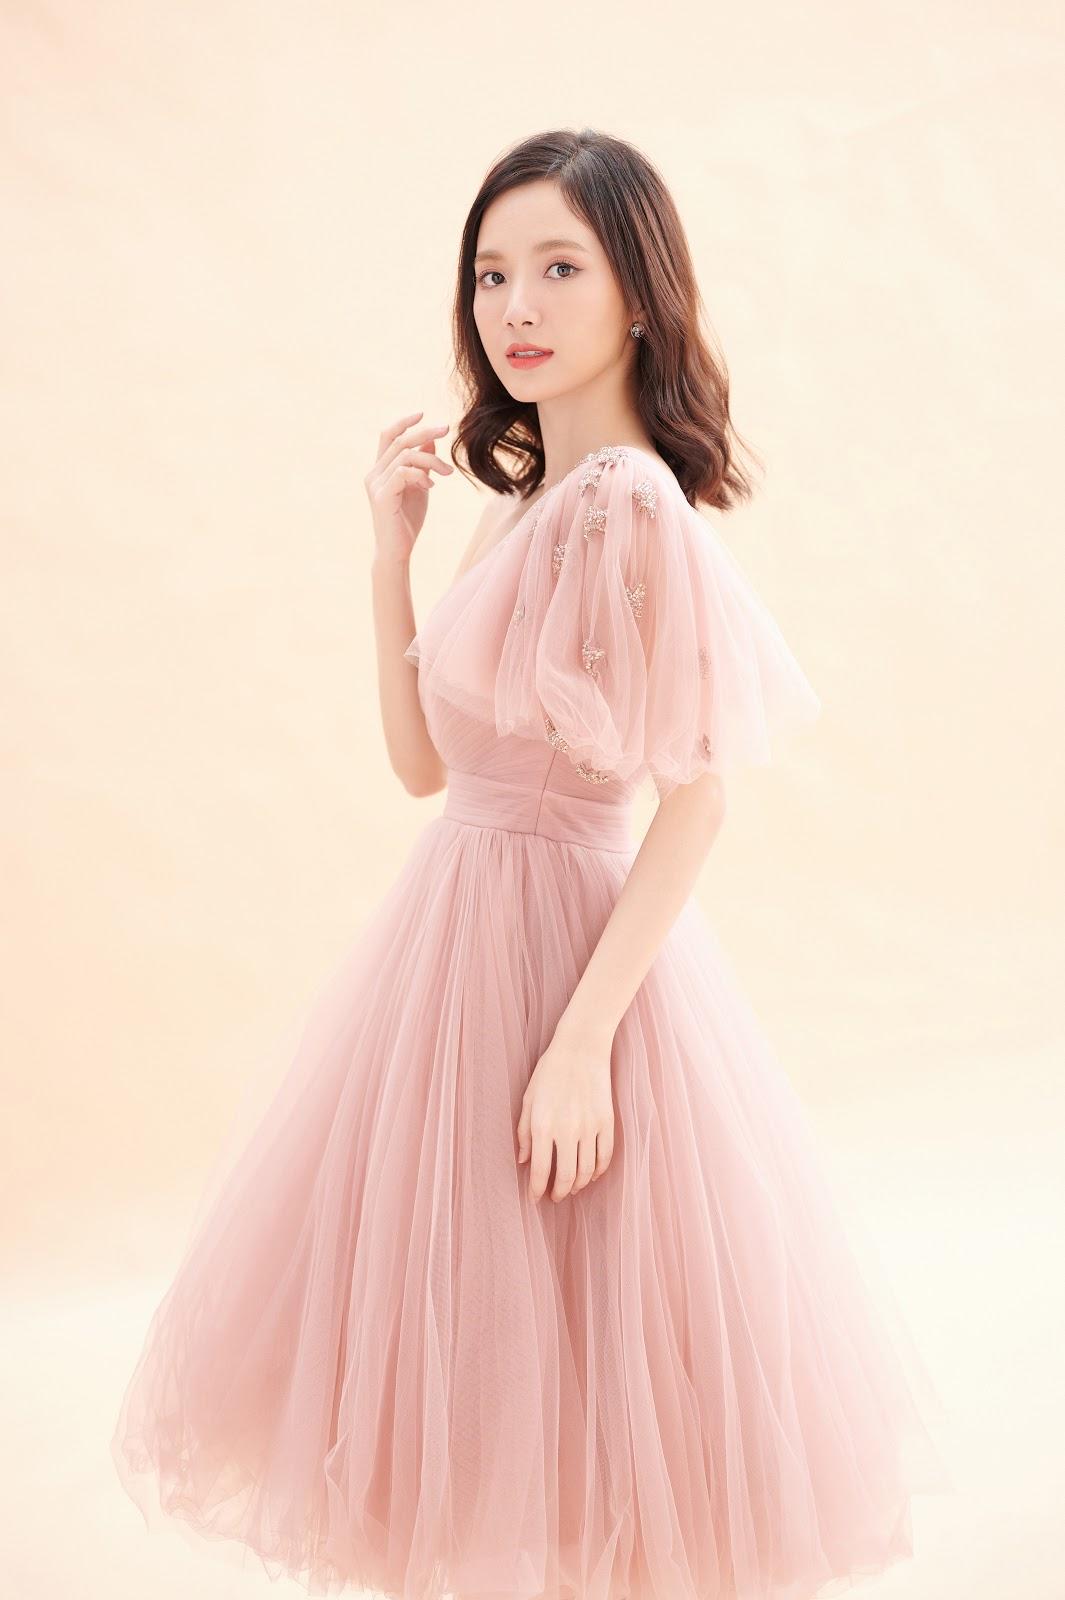 Jang Mi 'đốn tim' khán giả với hình tượng ngọc nữ, đẹp tao nhã thanh tân - Hình 5